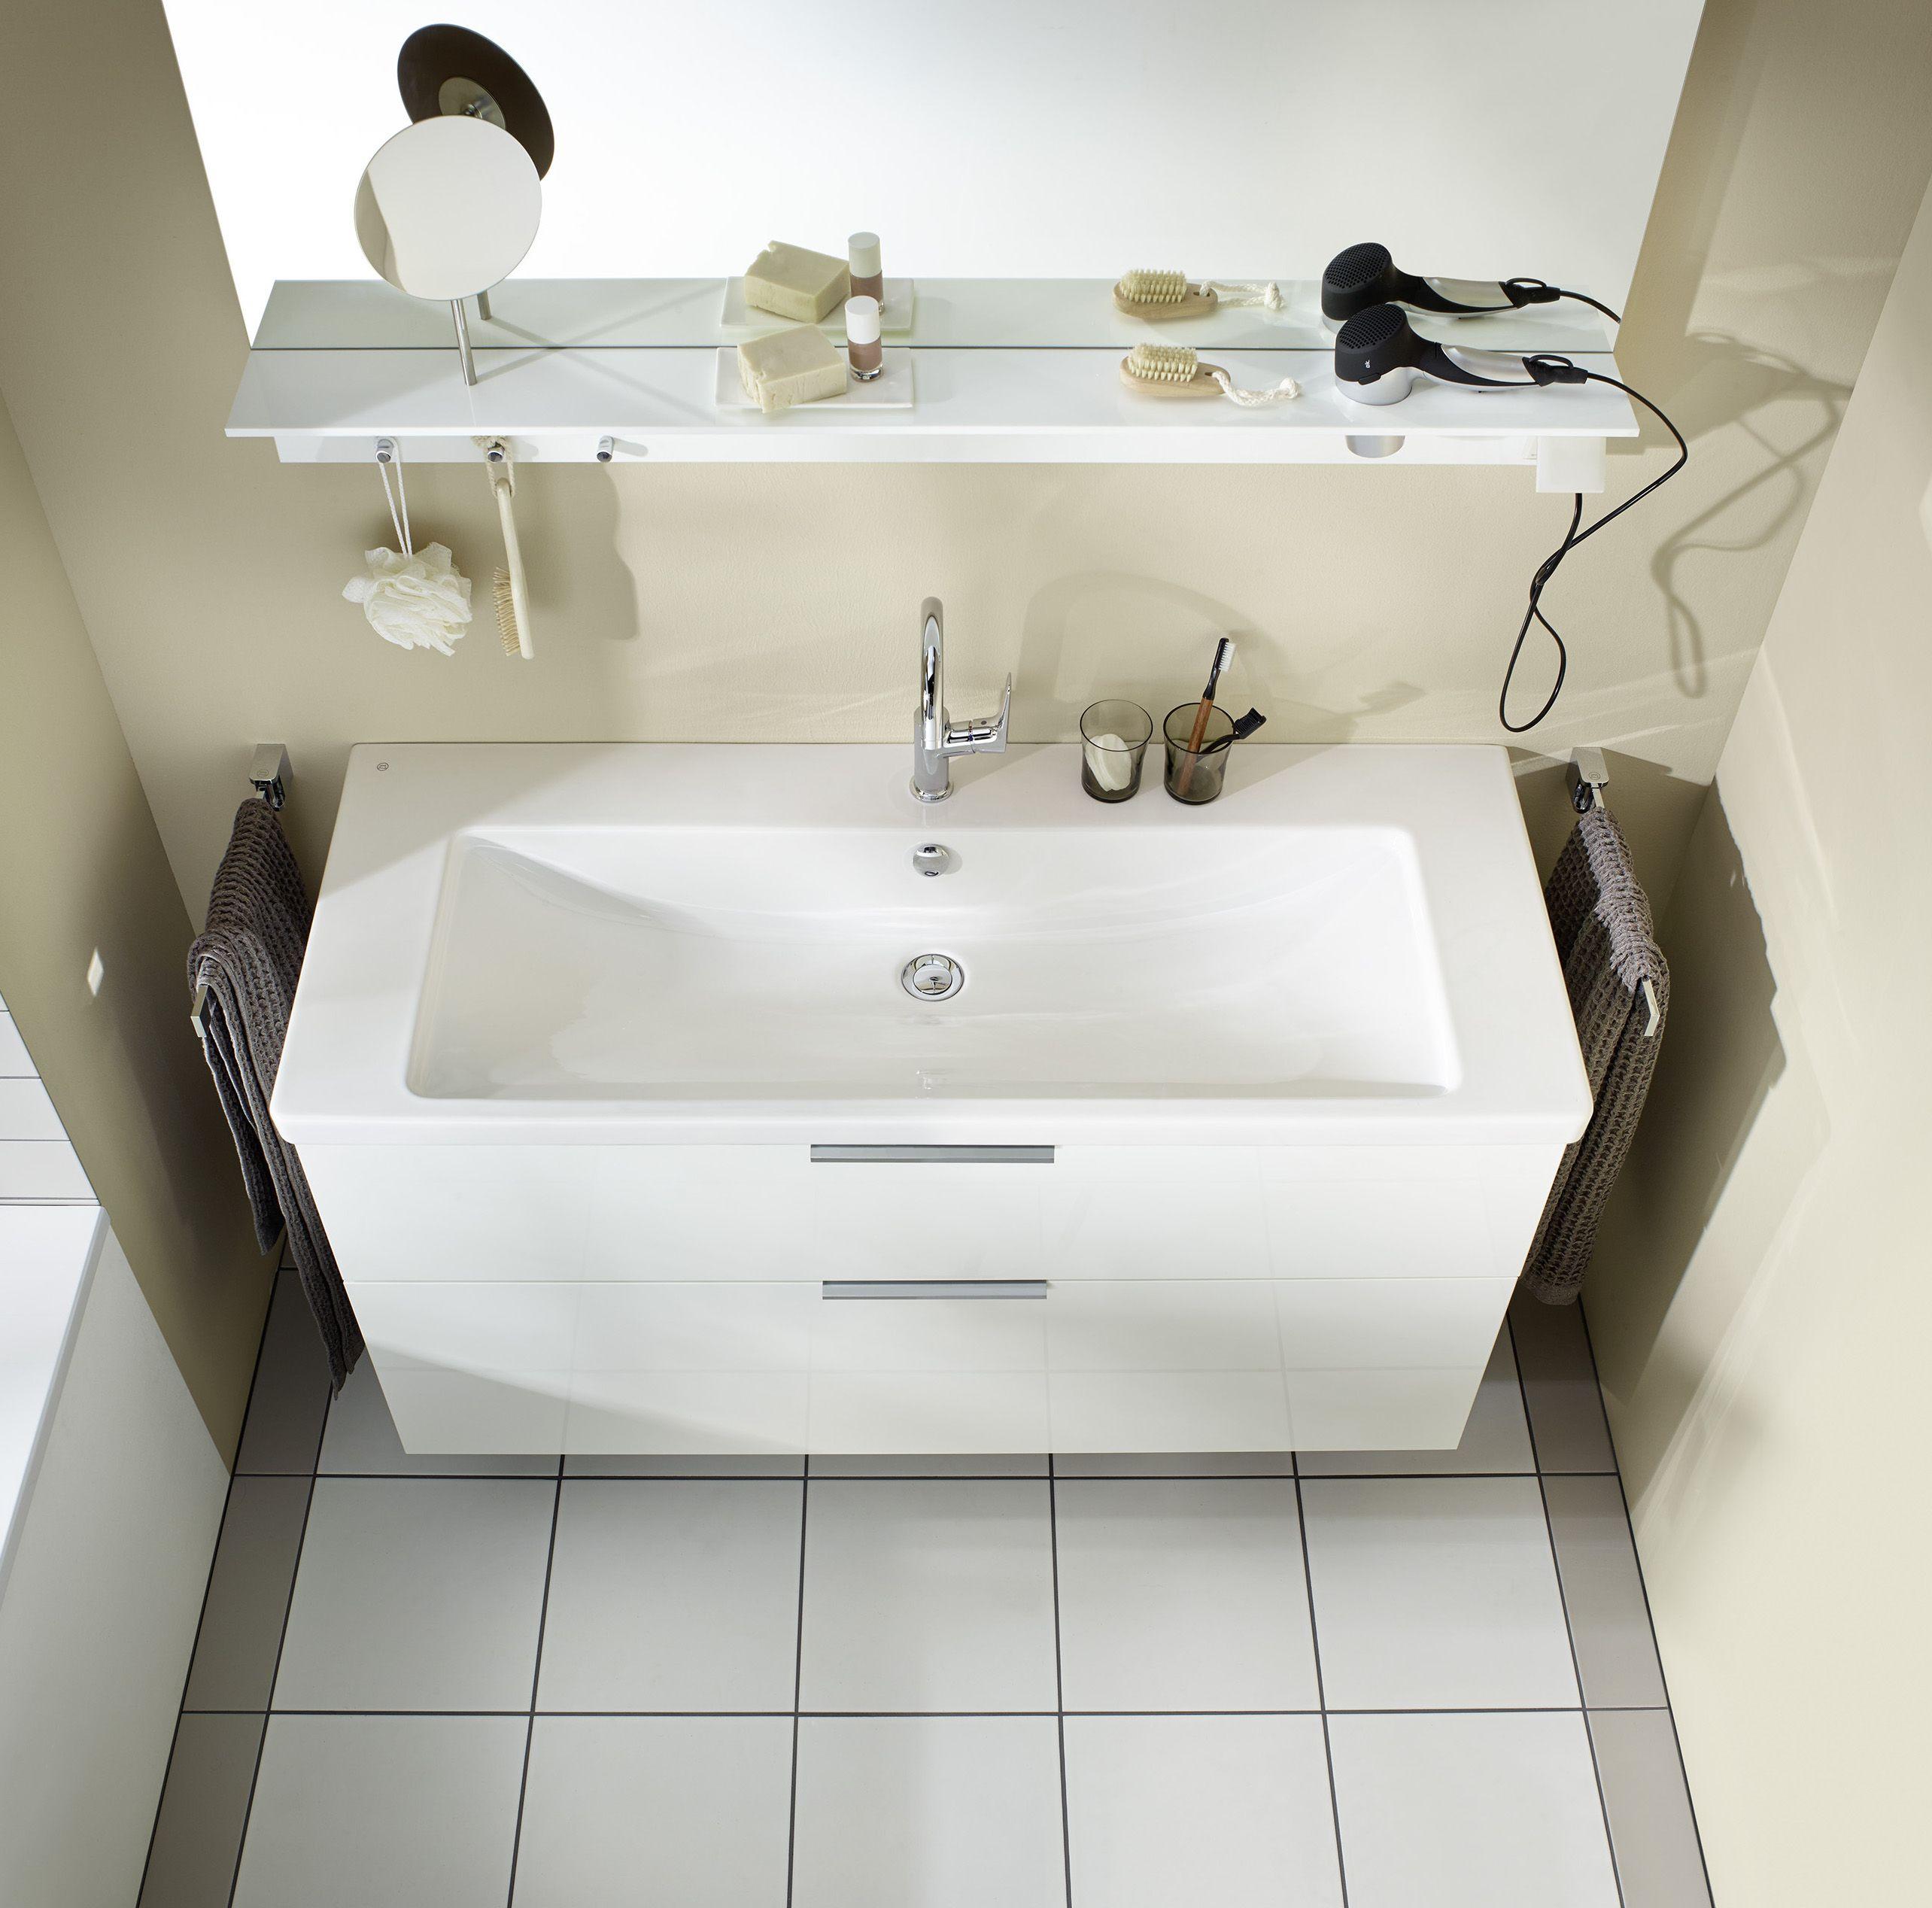 Burgbad Eqio Keramik Waschtisch Inklusive Waschtischunterschrank Seyq123 Breite 1230 Mm Badezimmer Ablage Waschtischunterschrank Waschtisch